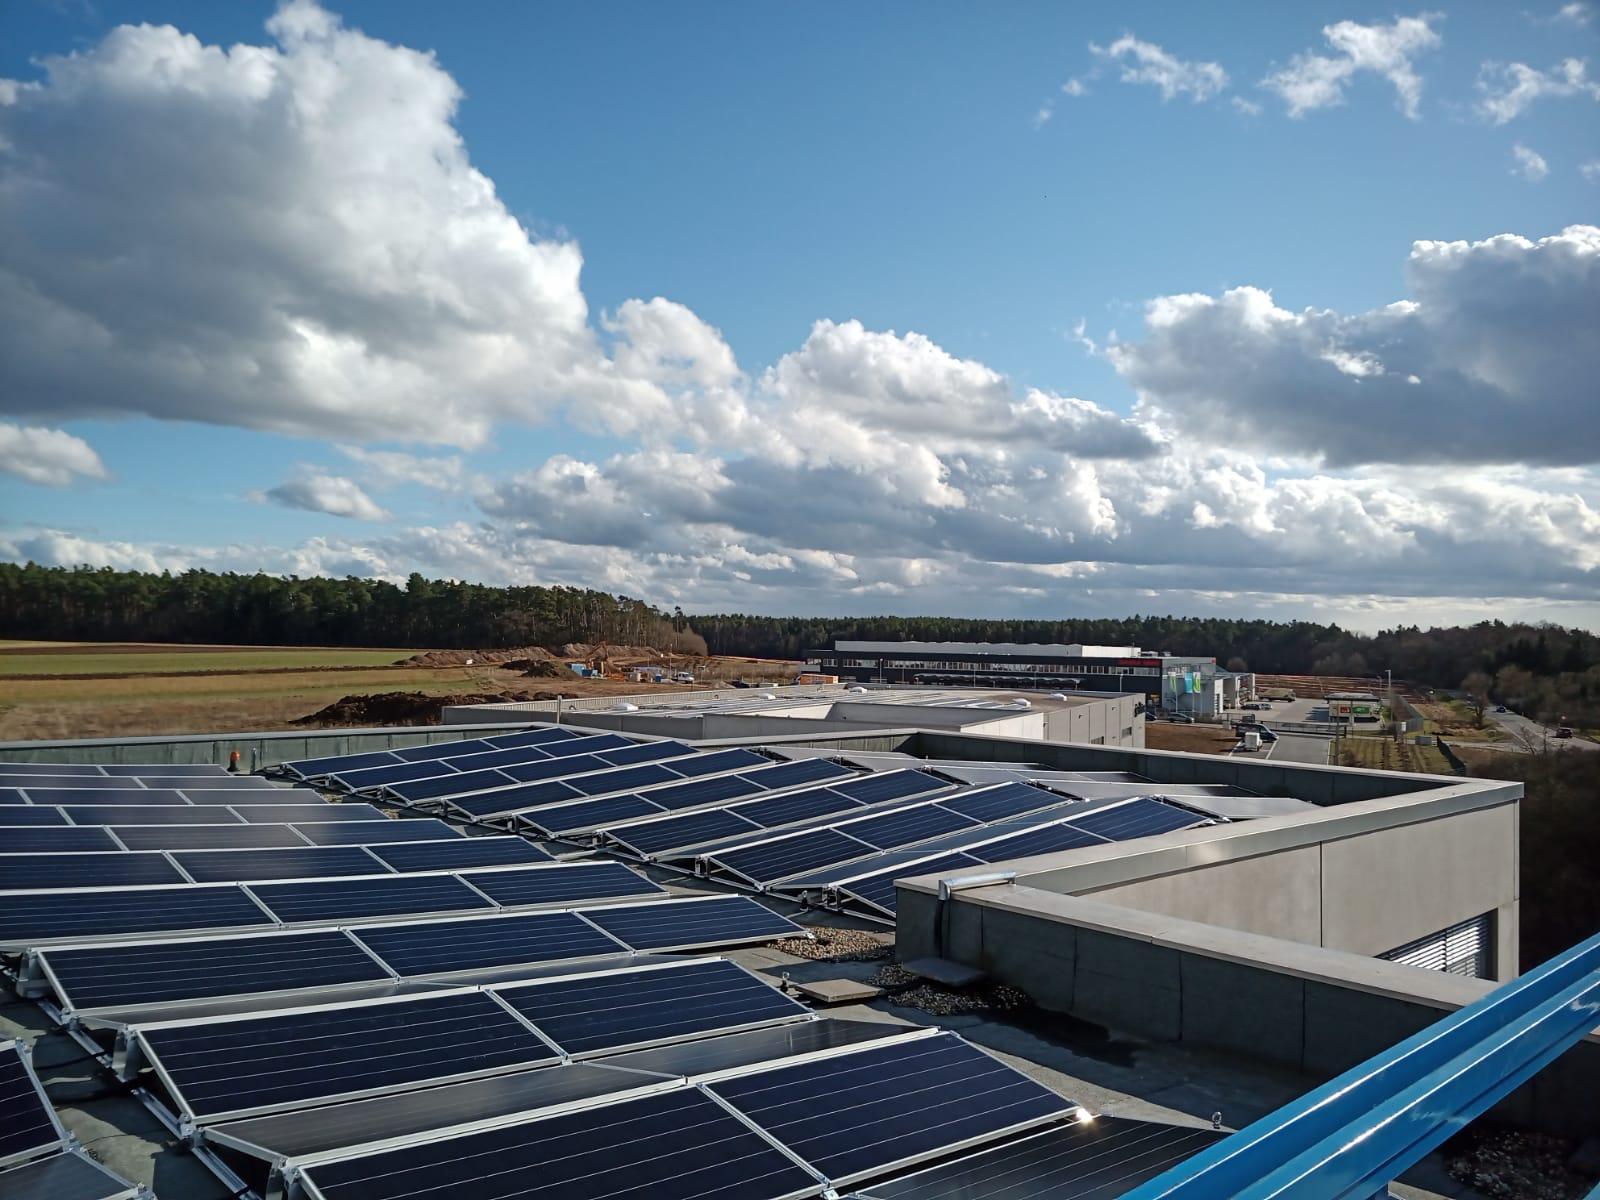 Photovoltaik für Industrie - Referenzanlage Alfatec GmbH & Co. KG Rednitzhembach